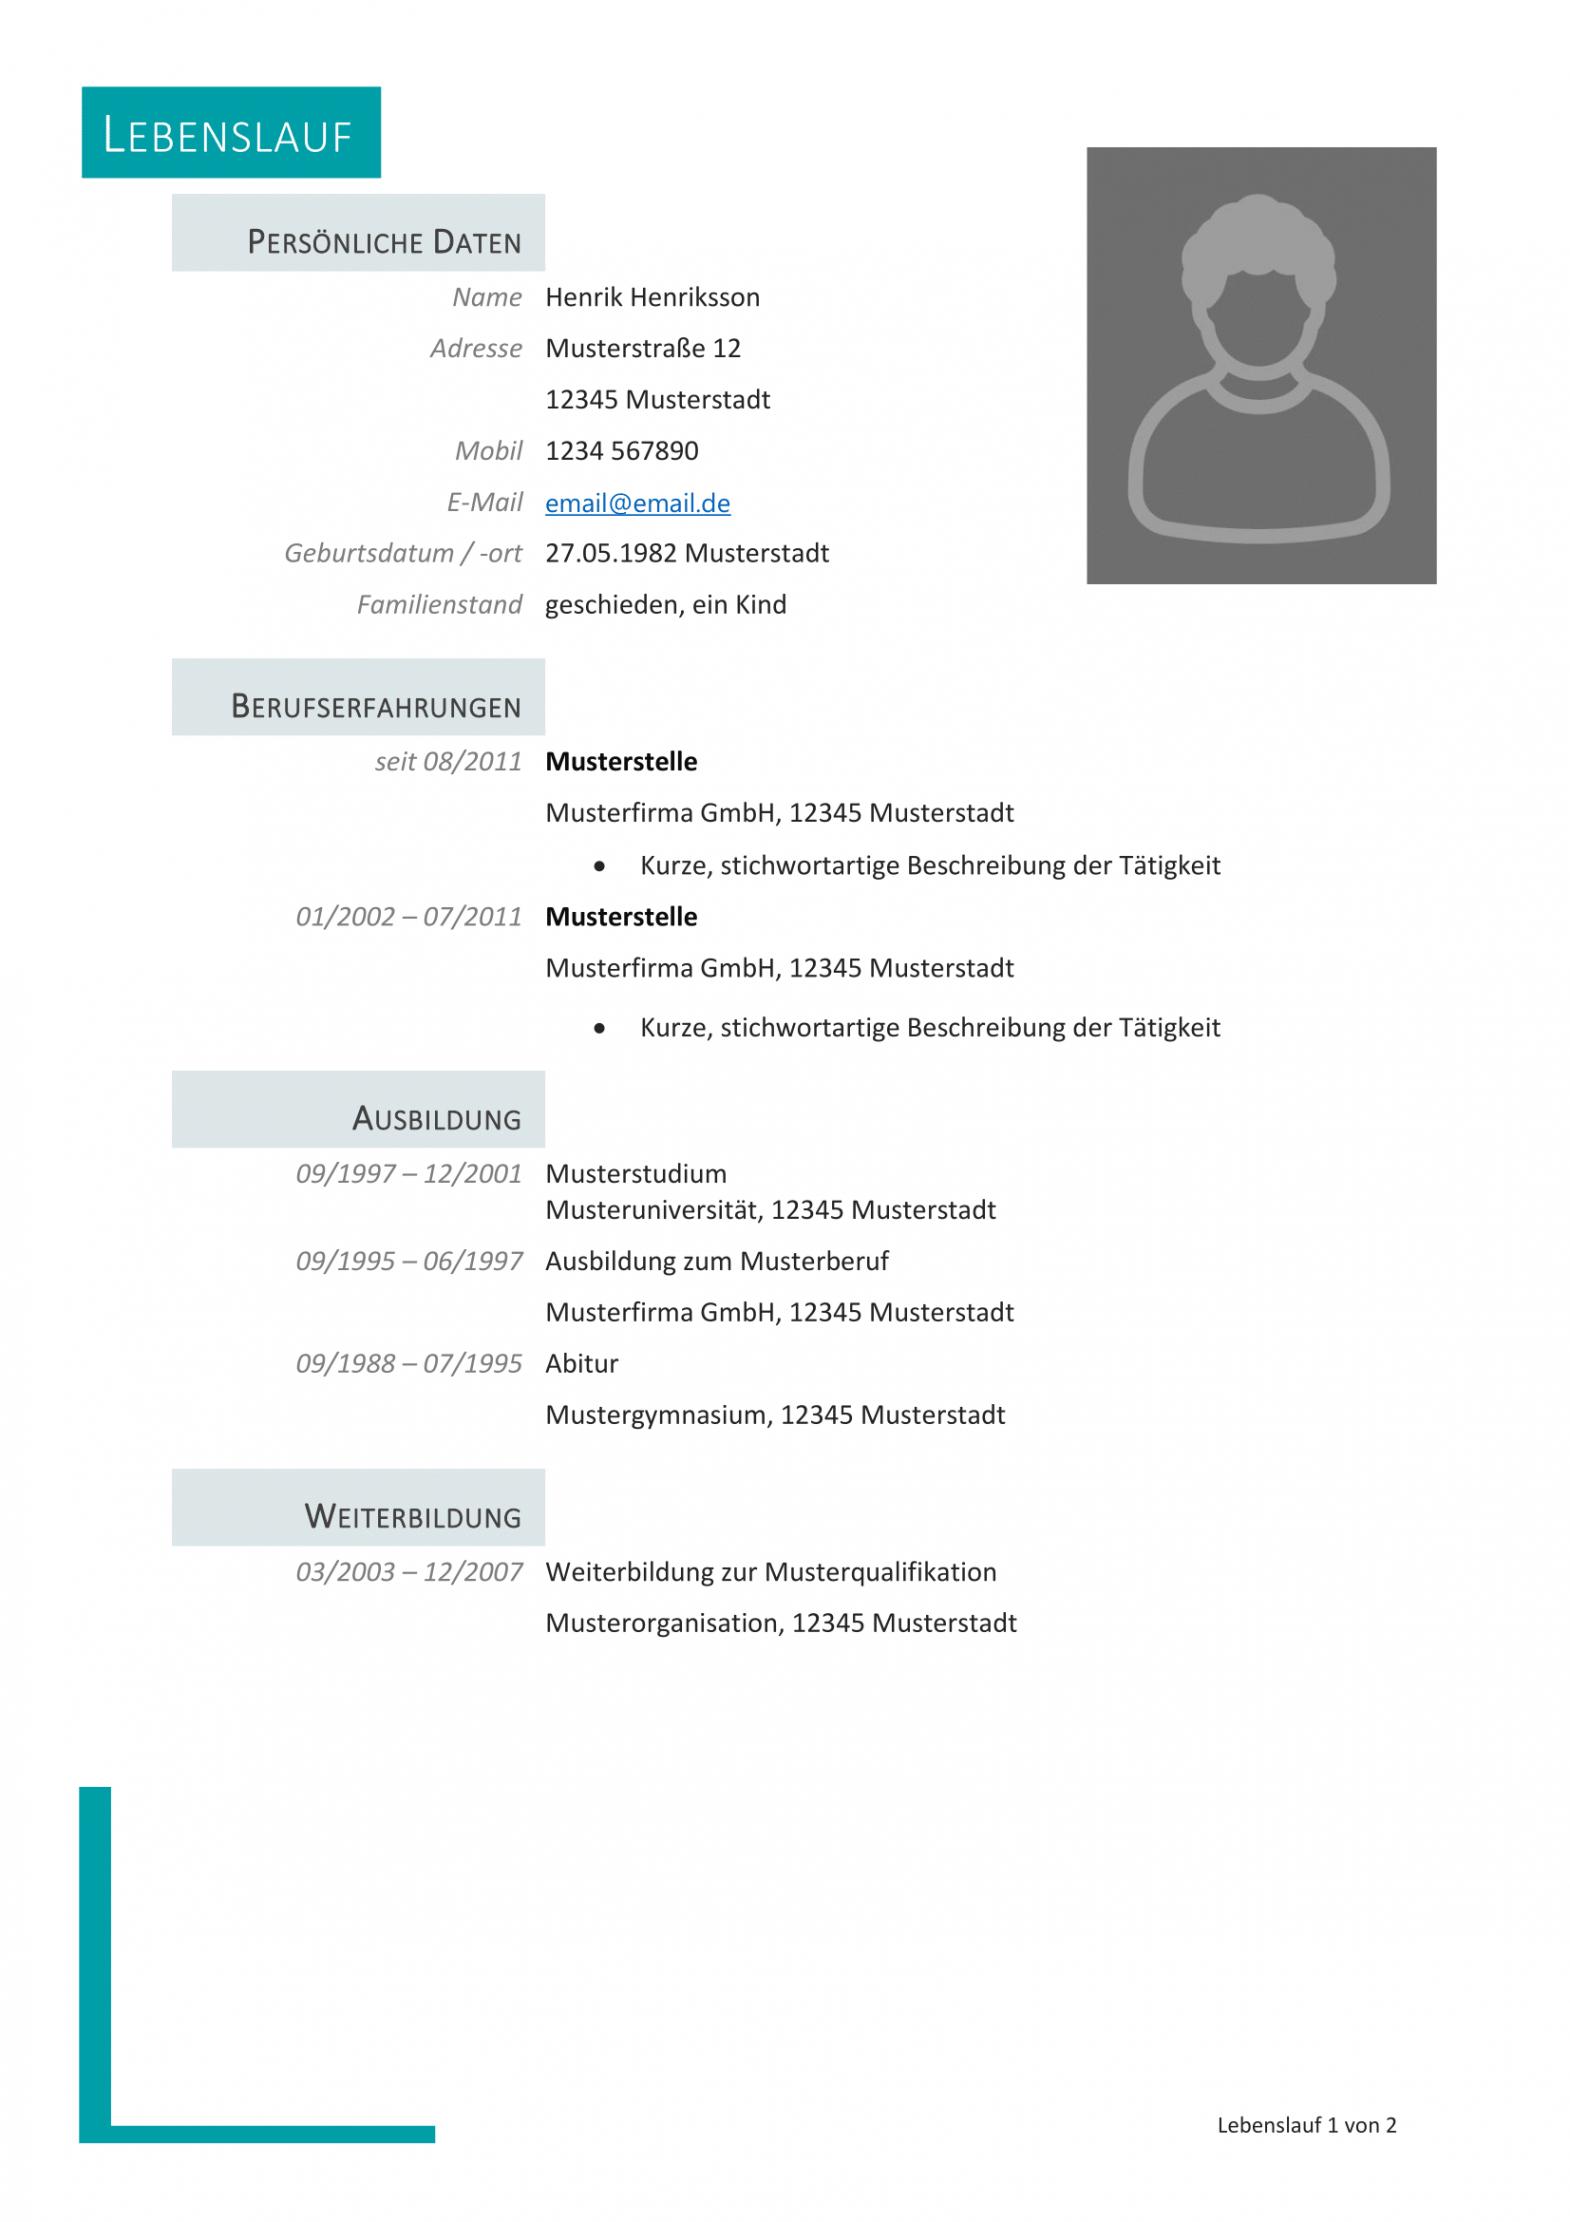 Porbe von  Kostenlose Lebenslauf Muster Und Vorlagen Für Deine Bewerbung 2018 Vorlage Lebenslauf Herunterladen